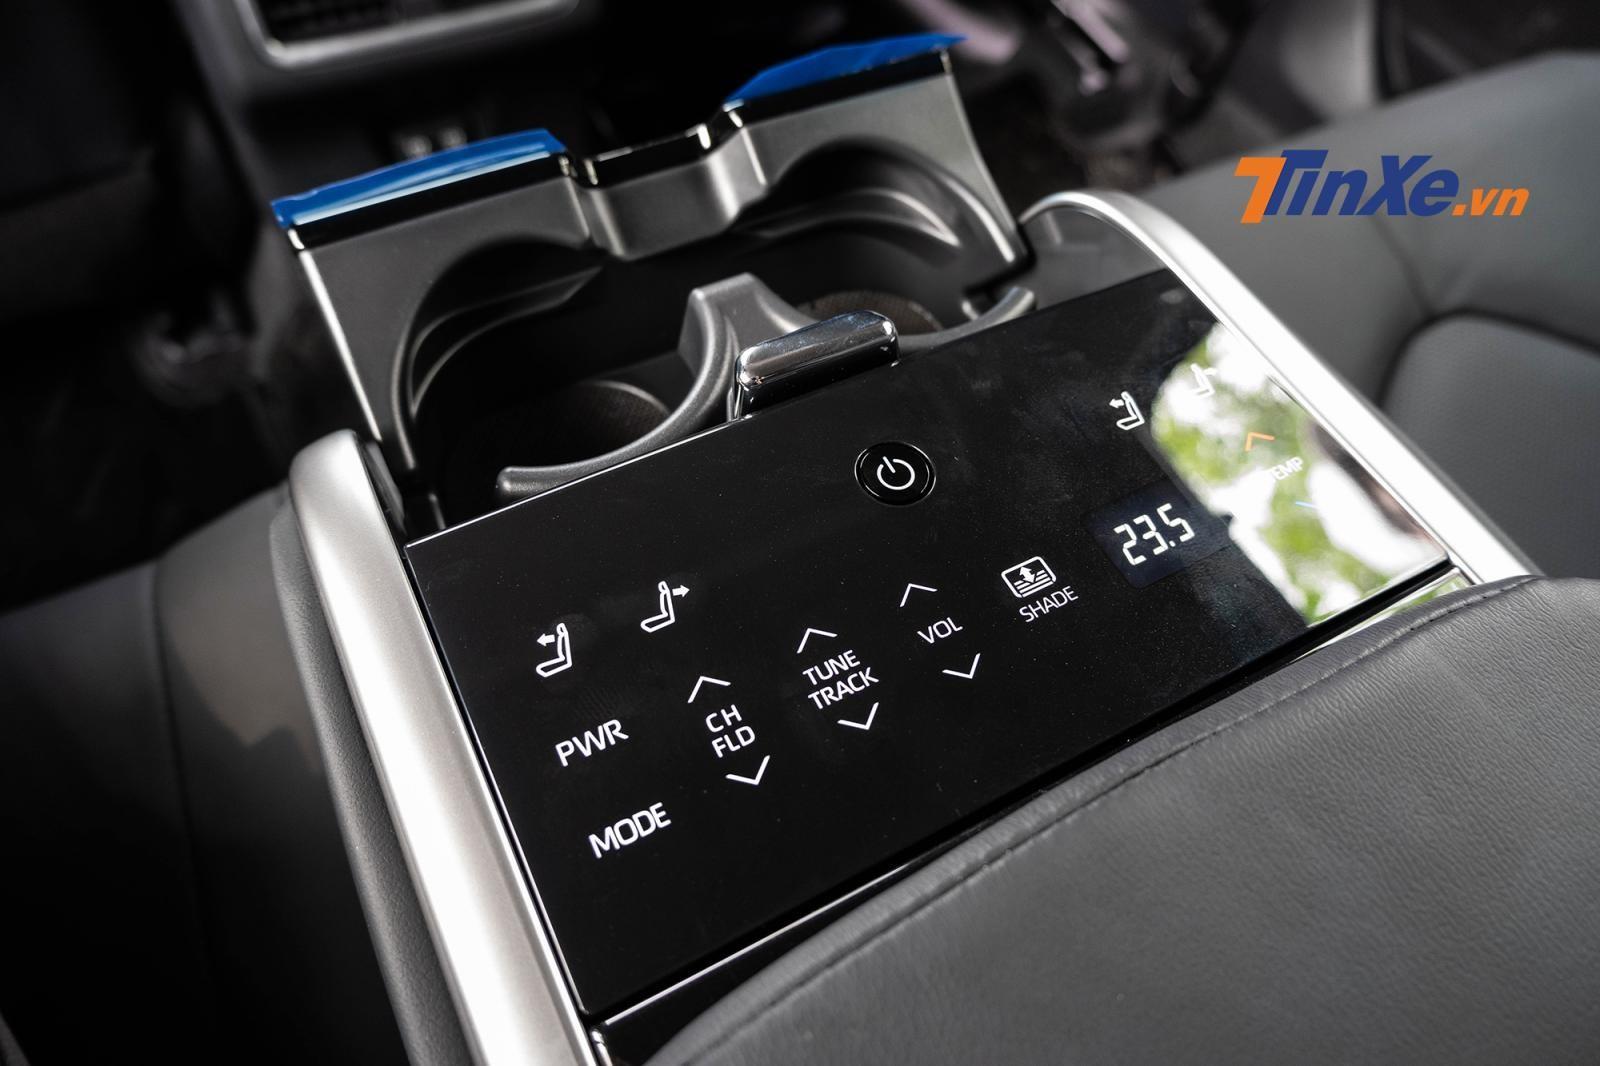 Hàng ghế sau trên bản 2.5Q có bảng điều khiển ở bệ tì tay cho phép điều chỉnh ngả điện, ghế lái phỉa trước có thêm chức năng nhớ 2 vị trí còn 2.0G thì không